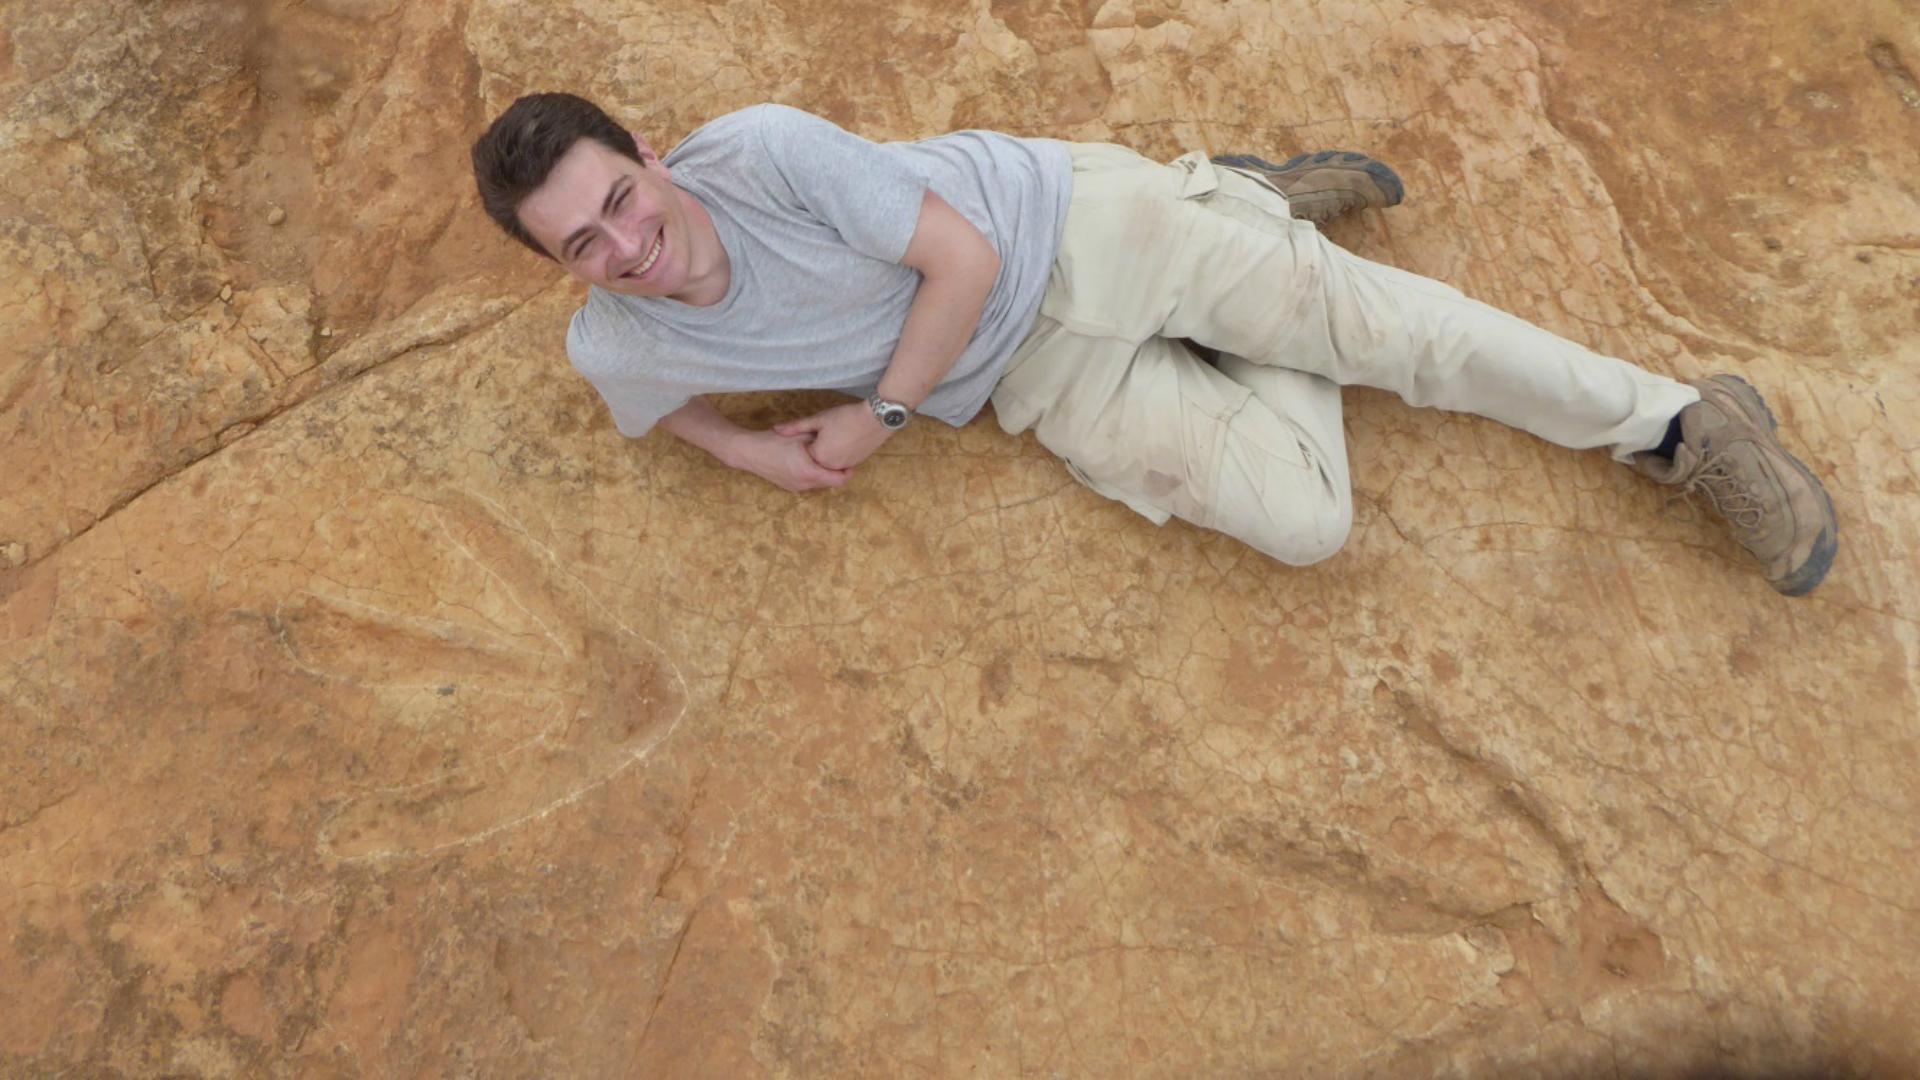 El paleonteológo Fabien Knoll junto a la huella del dinosaurio. (Foto gentileza El Mundo)